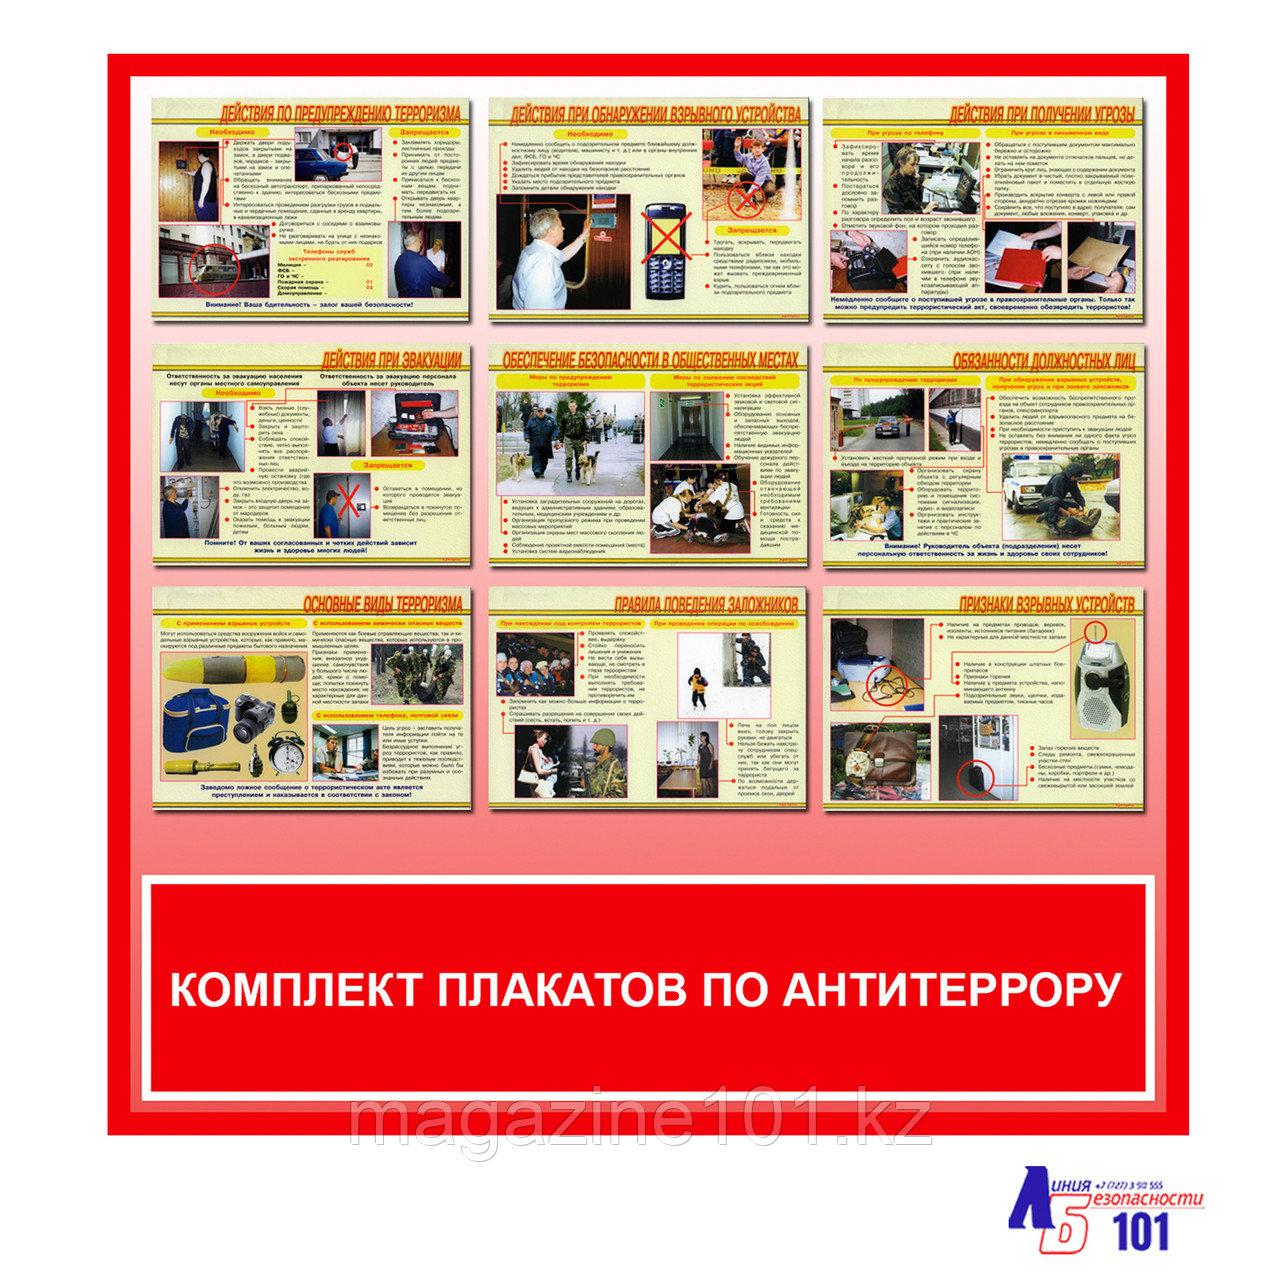 Комплект плакатов по антитеррору